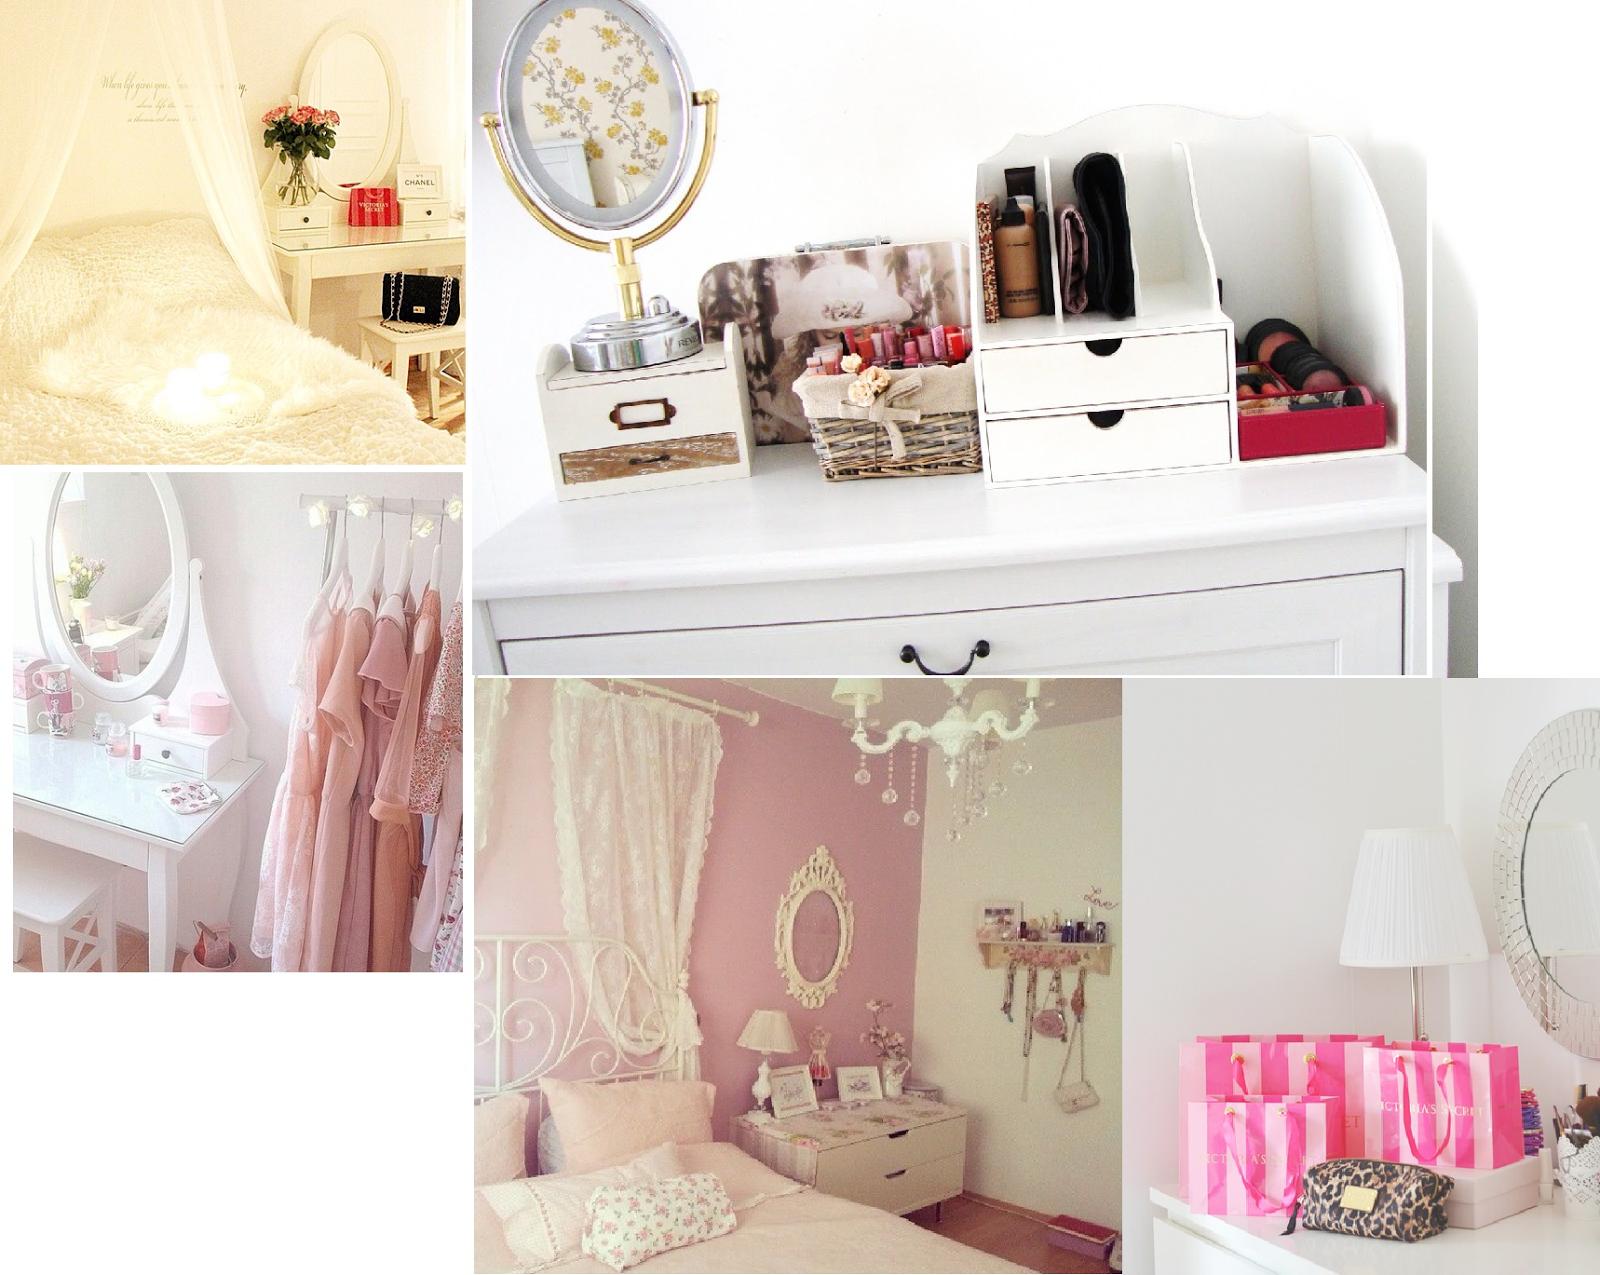 Lilia inspirations rangement maquillage et chambre 2 - Meuble de rangement pour maquillage ...